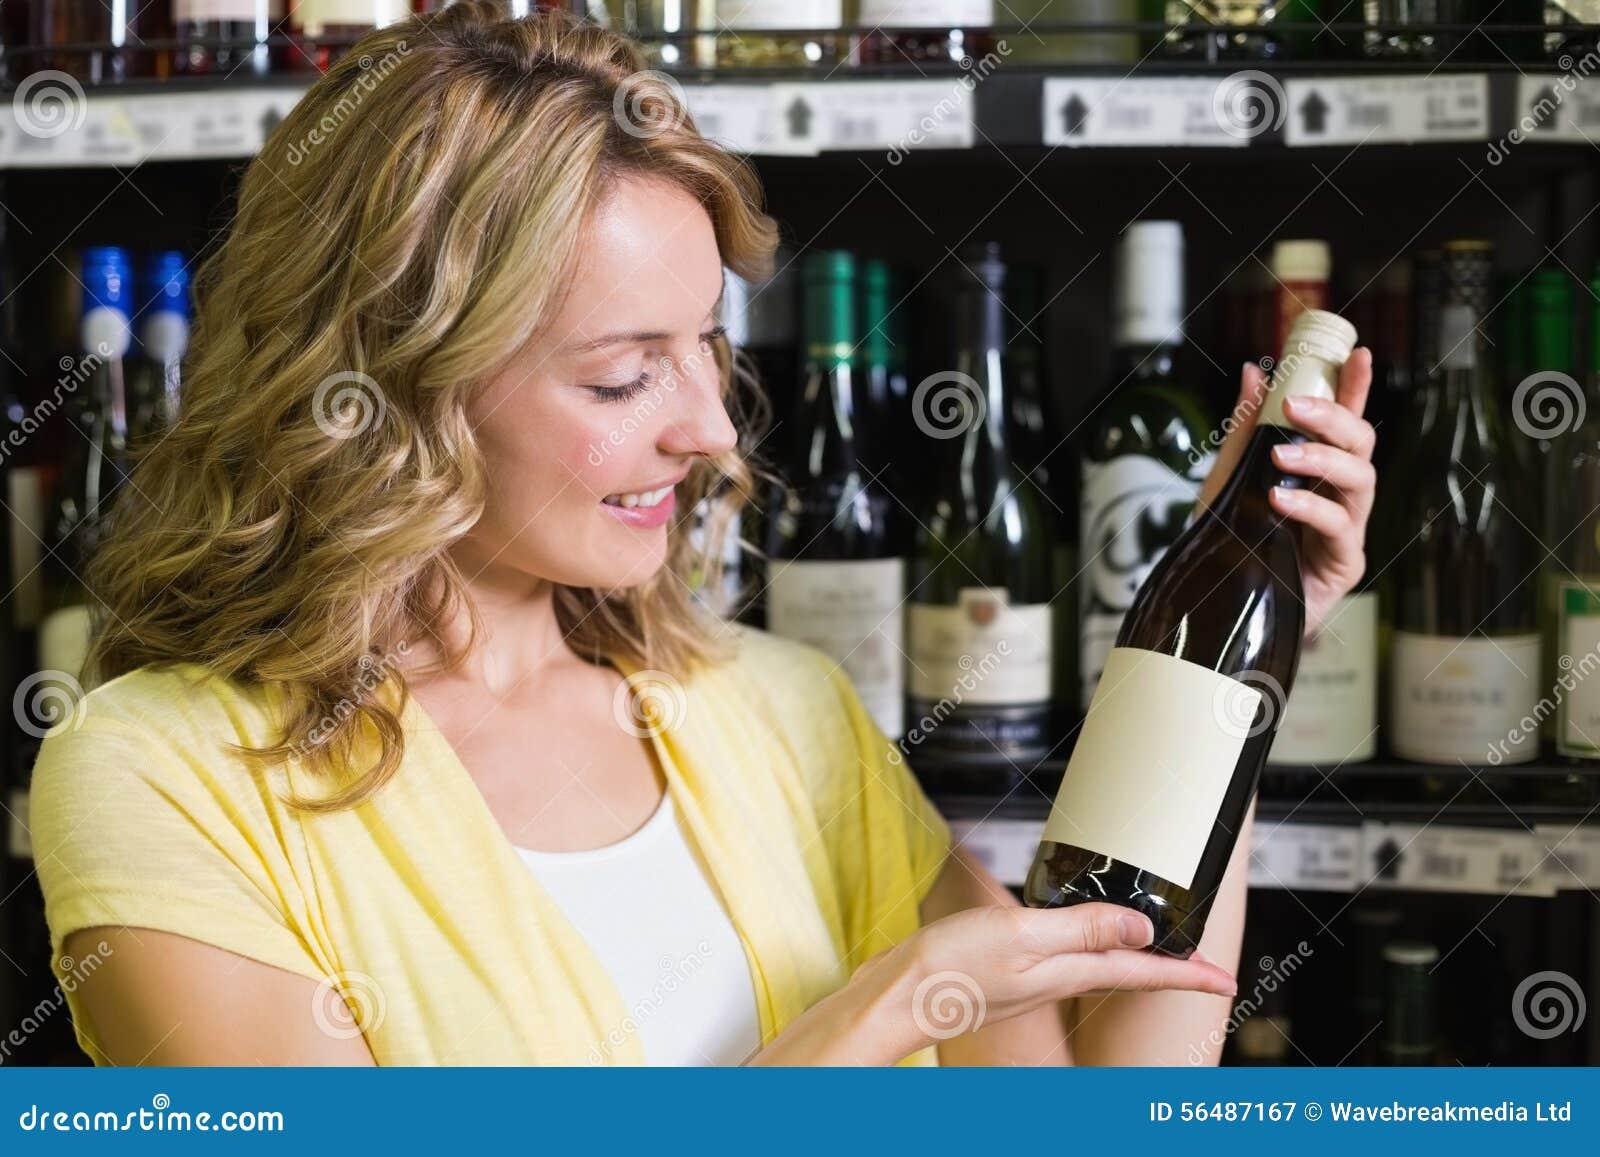 Sourire femme assez blonde montrant une bouteille de vin